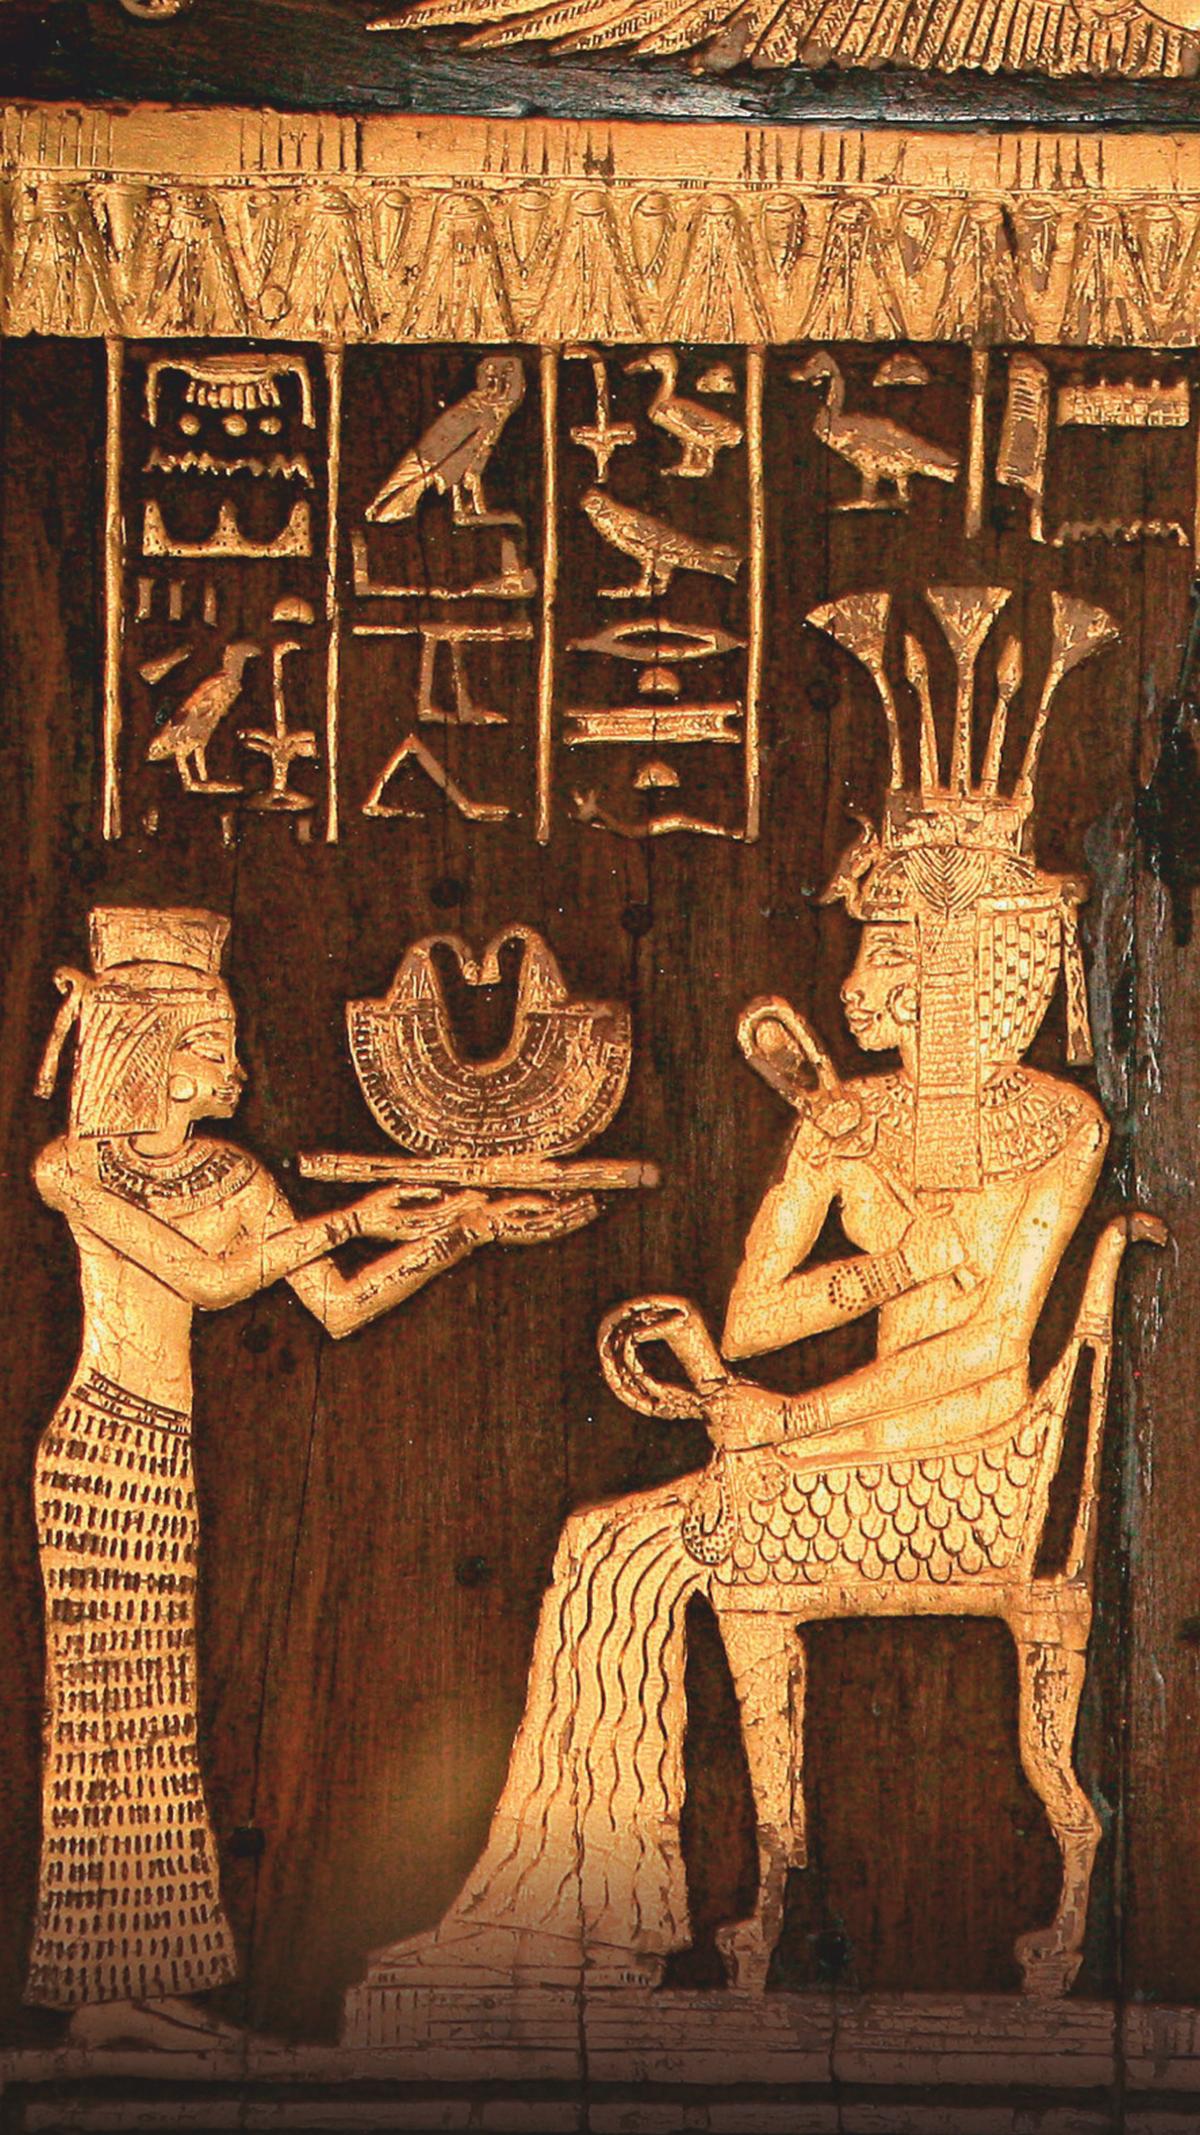 Найденный в гробнице ее бабушки и дедушки в Долине Царей деревянный стул, позолоченный серебром и золотом, украшен именем и изображениями принцессы Ситамун, сидящей на троне (справа), когда слуга предлагает ей подарок